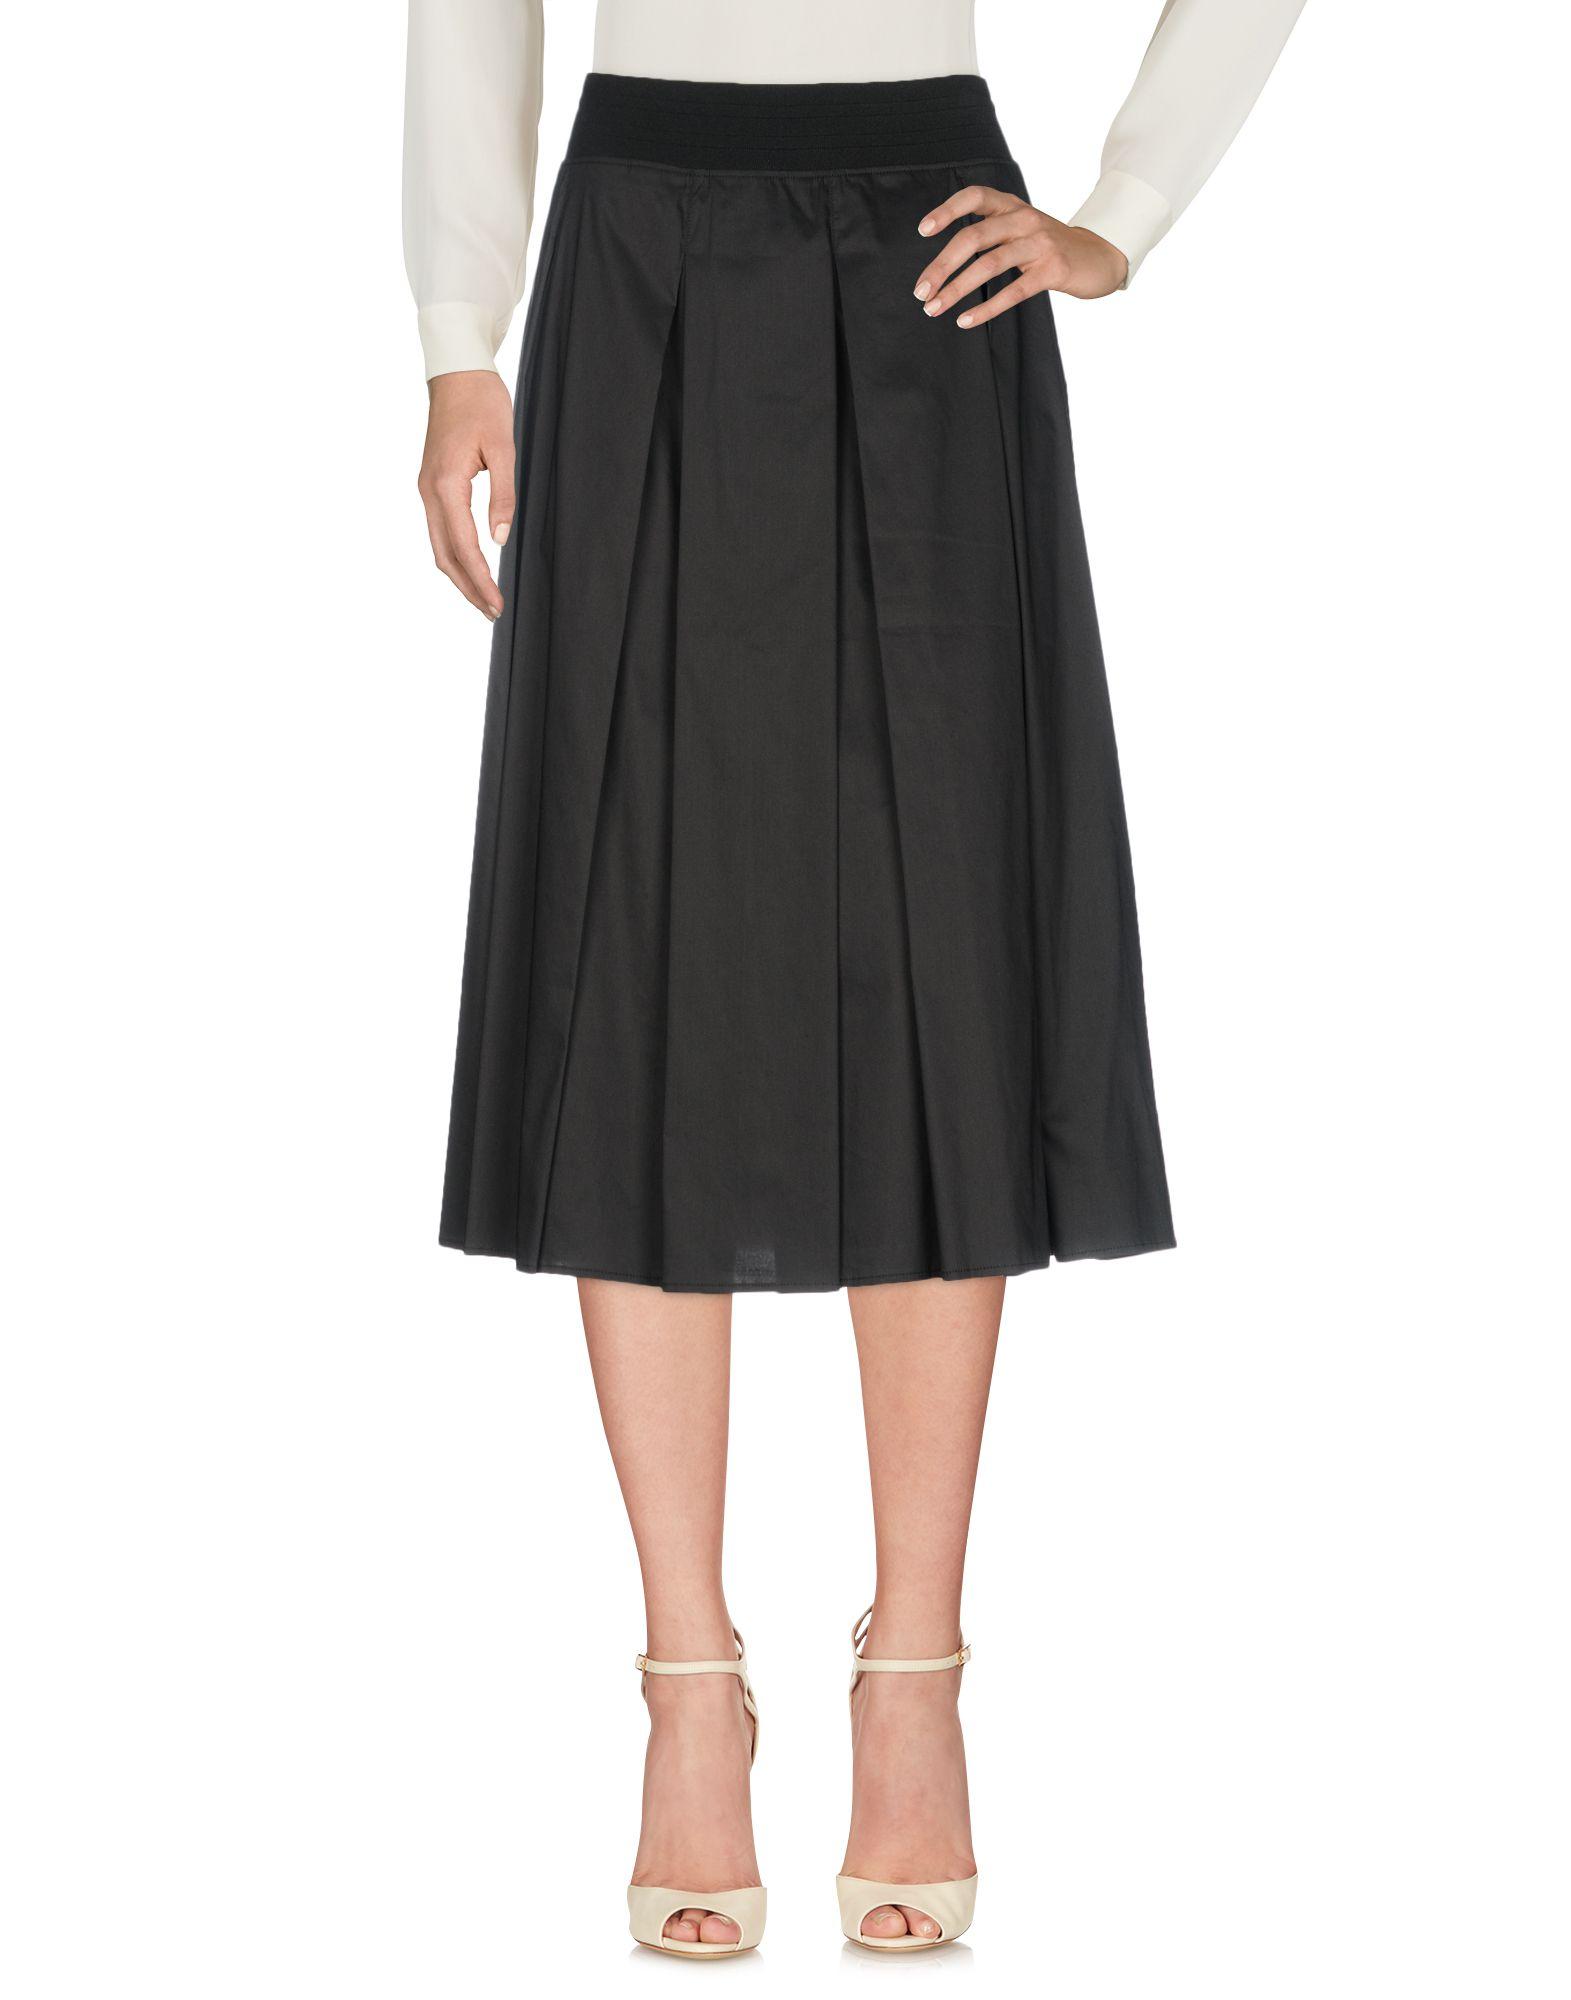 SHE'S SO Midi Skirts in Black